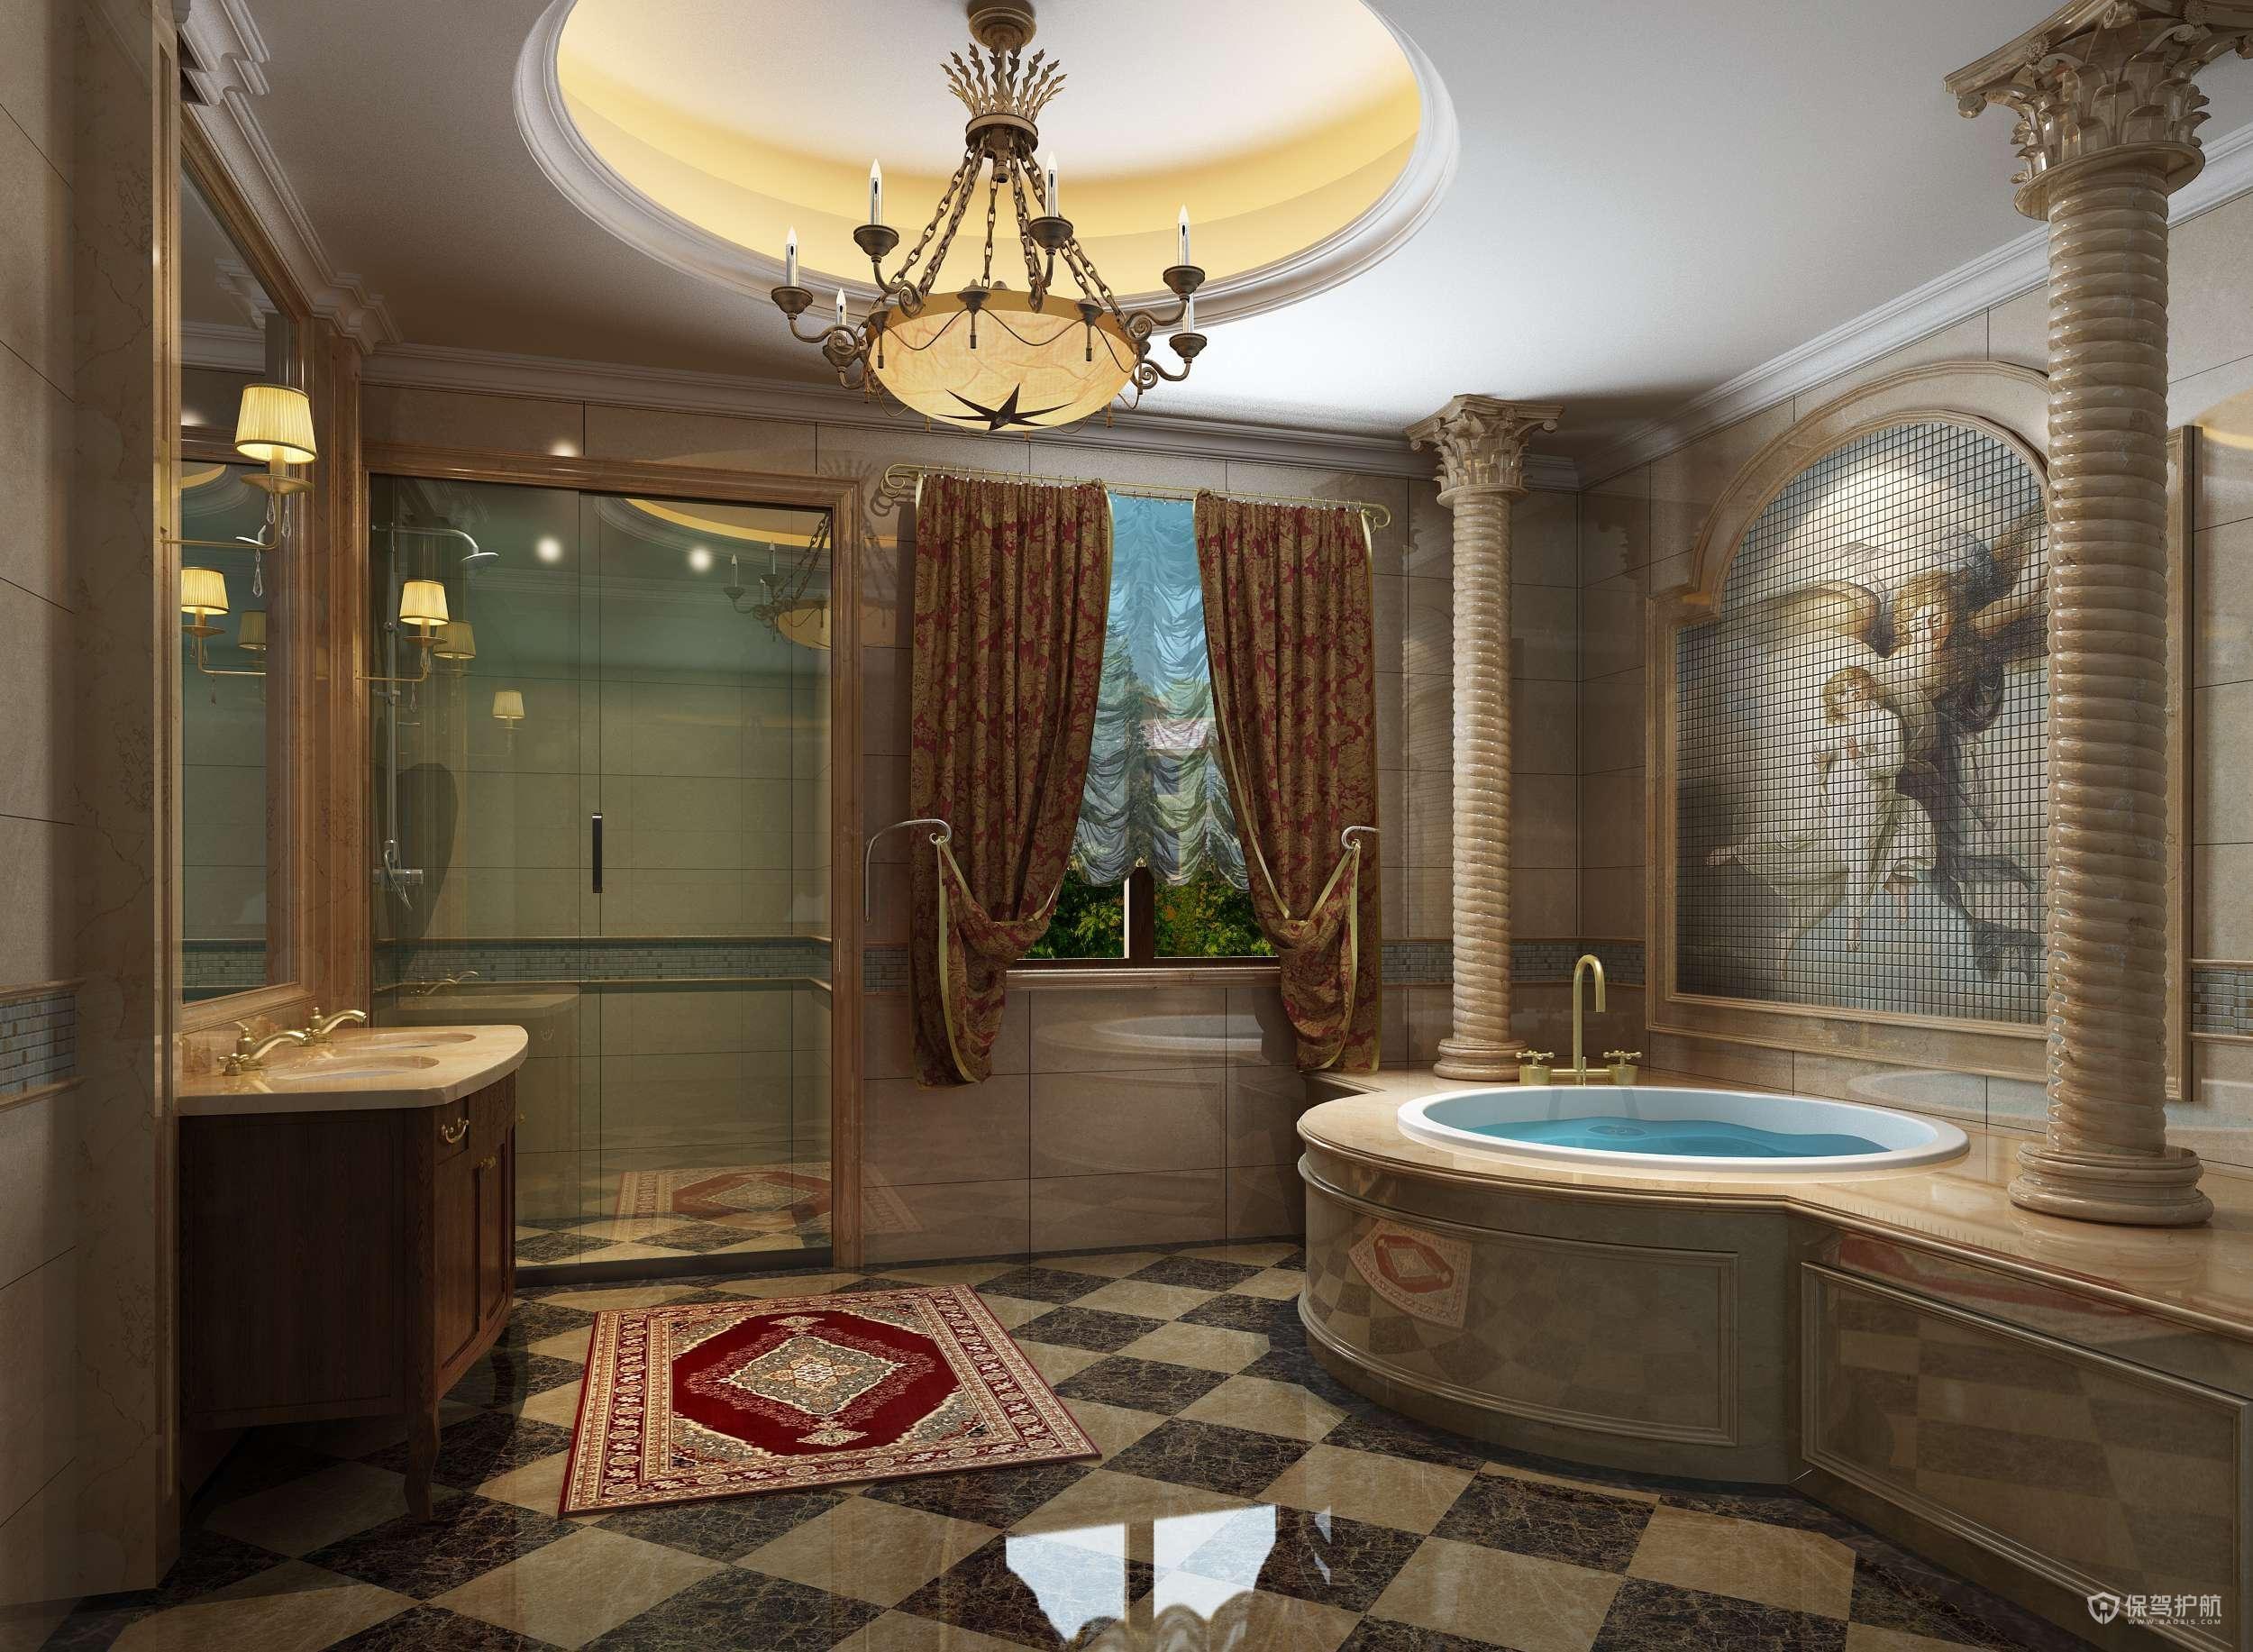 浴室小苏打清洁妙招有哪些?浴室日常清洁小方法分享